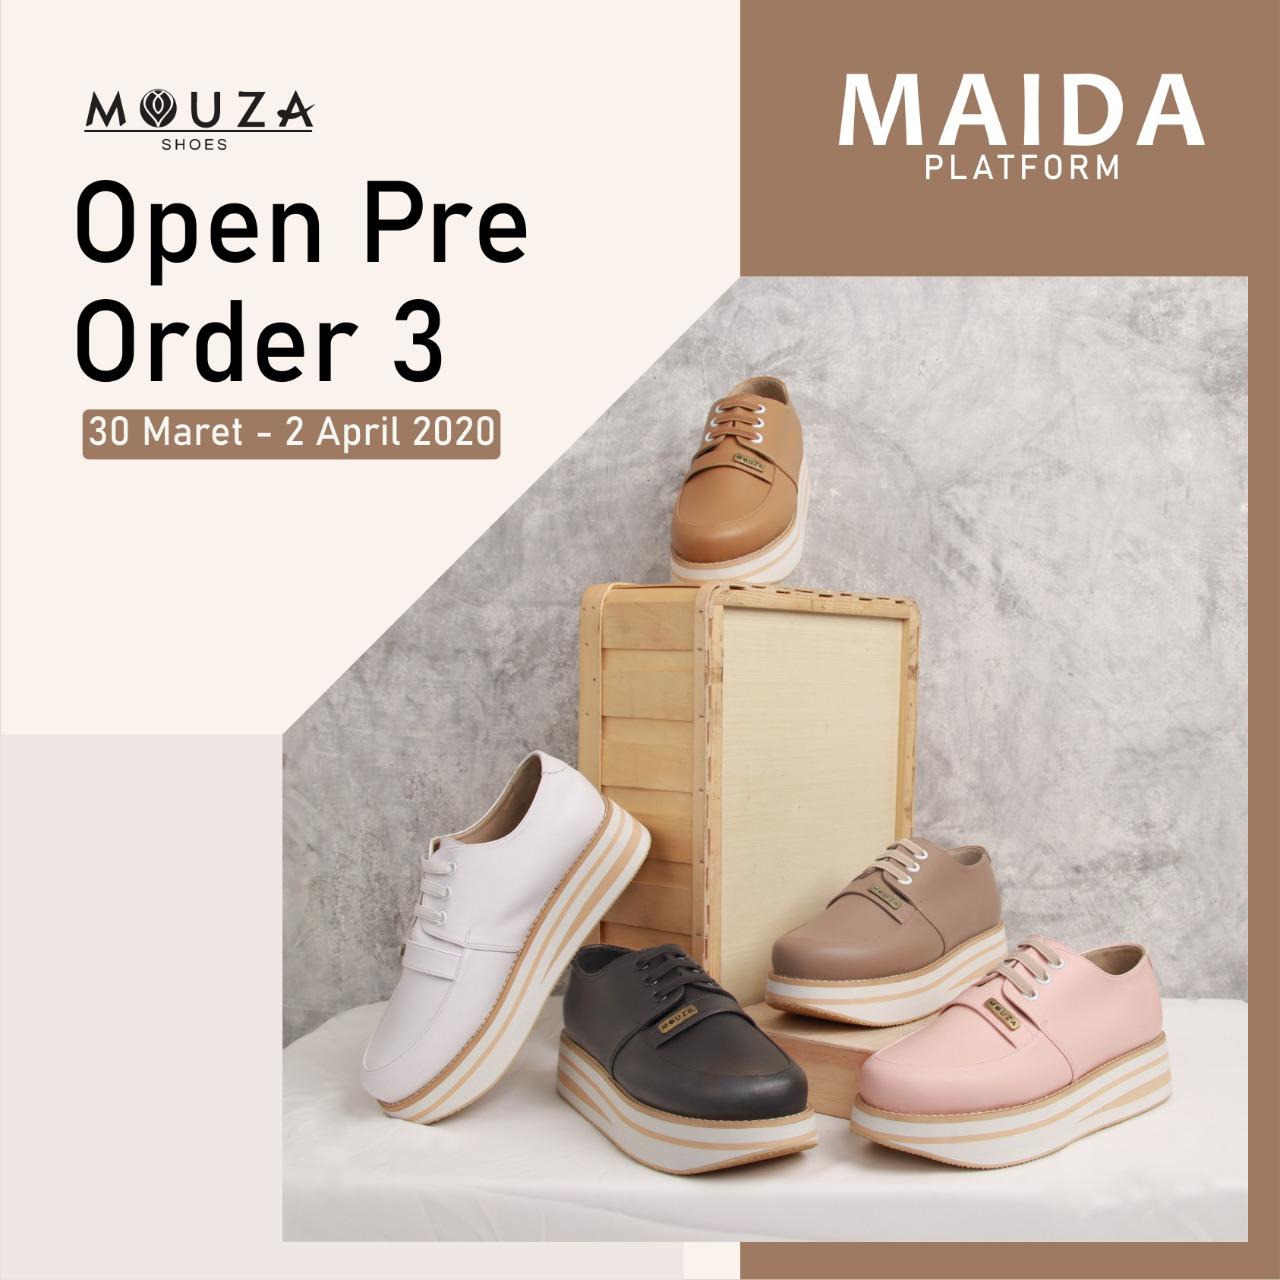 PO 3 Platform Maida